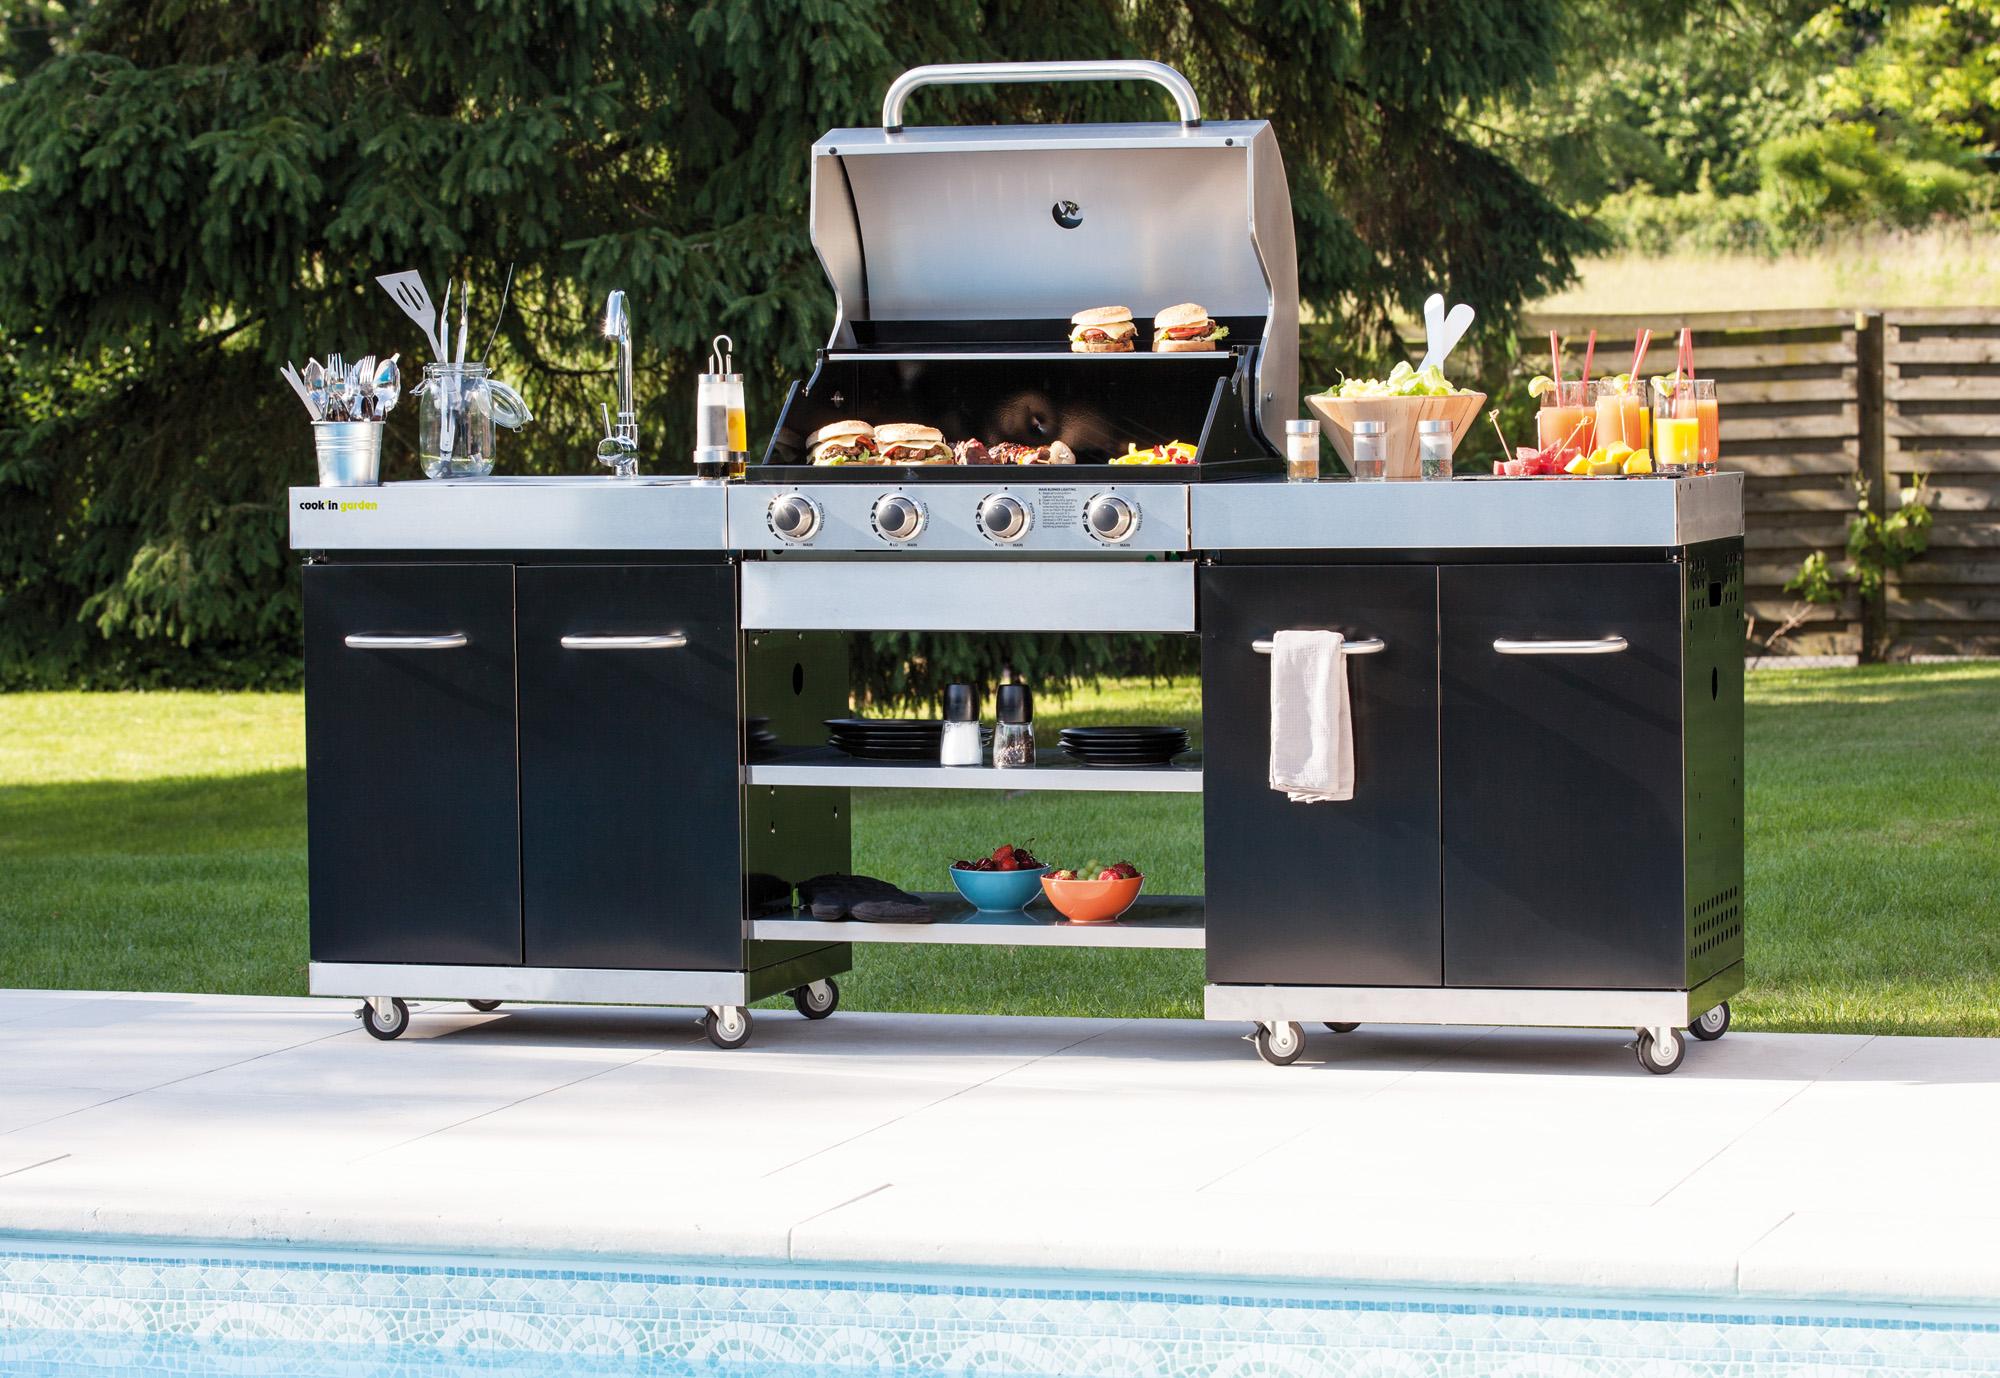 De buitenkeukens en barbecues van Cook'in Garden komen naar België!